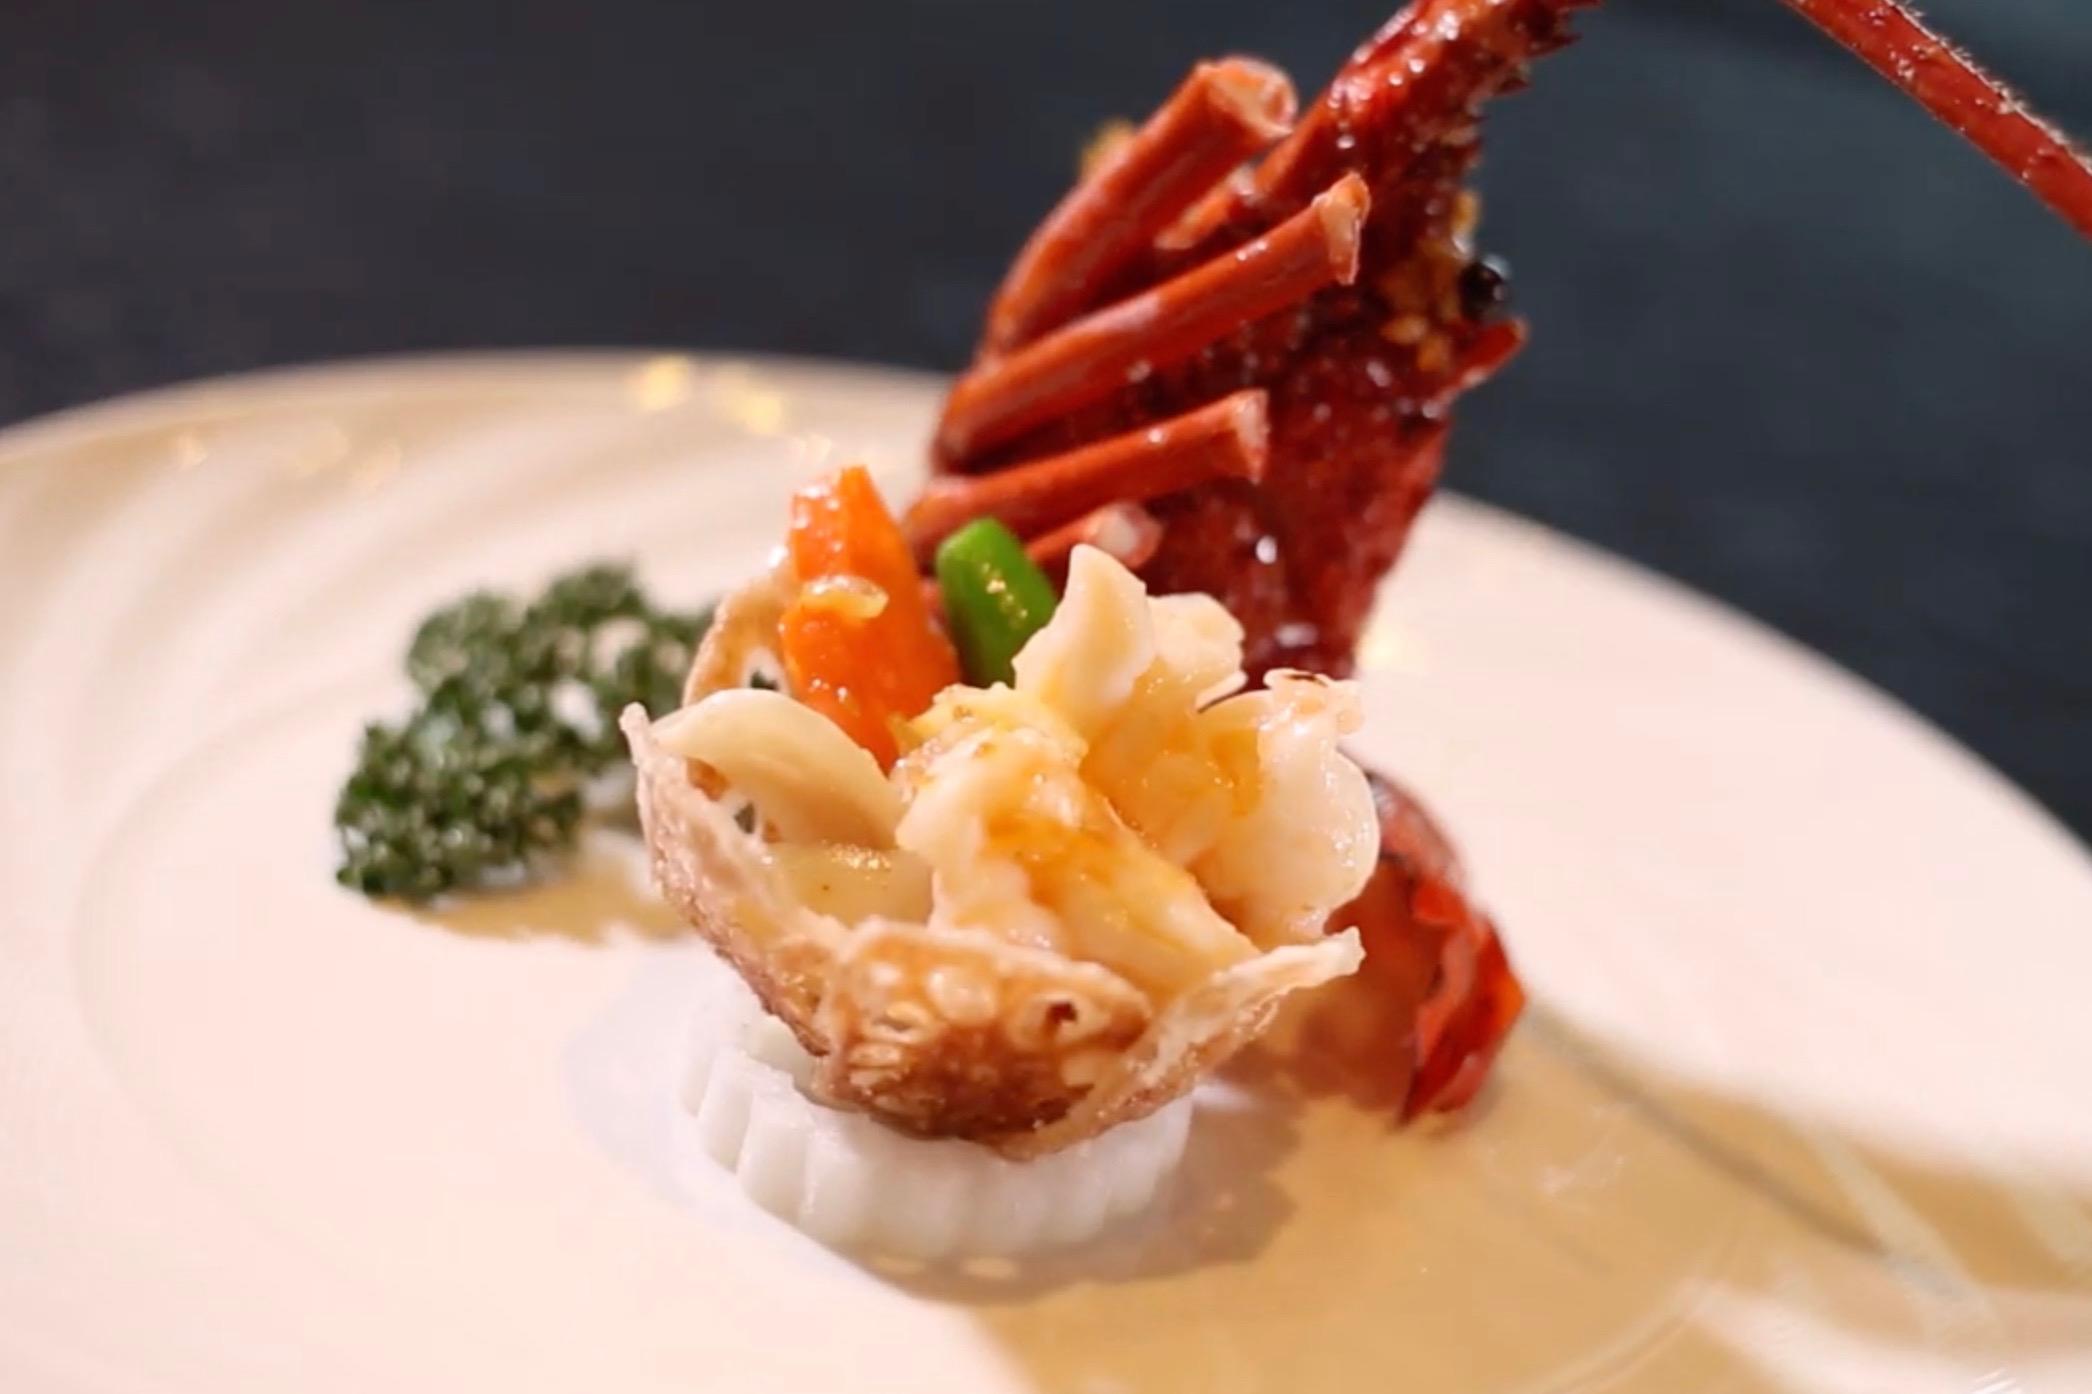 伊勢海老のむき身炒め 中国料理「故宮」